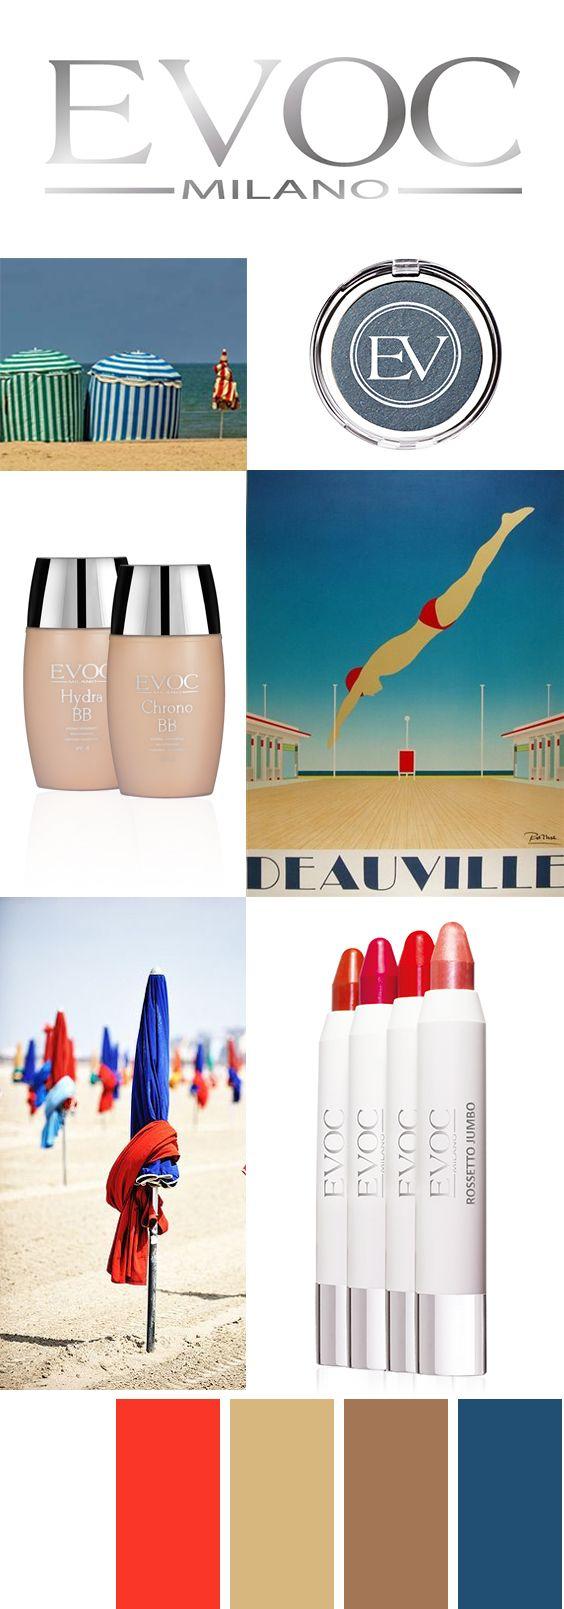 #bonvojage #deauville #sea #bbcream #rossetto #lipstick #ombretto #blu #rosso #viso #lips #eyes #occhi #evocmilano